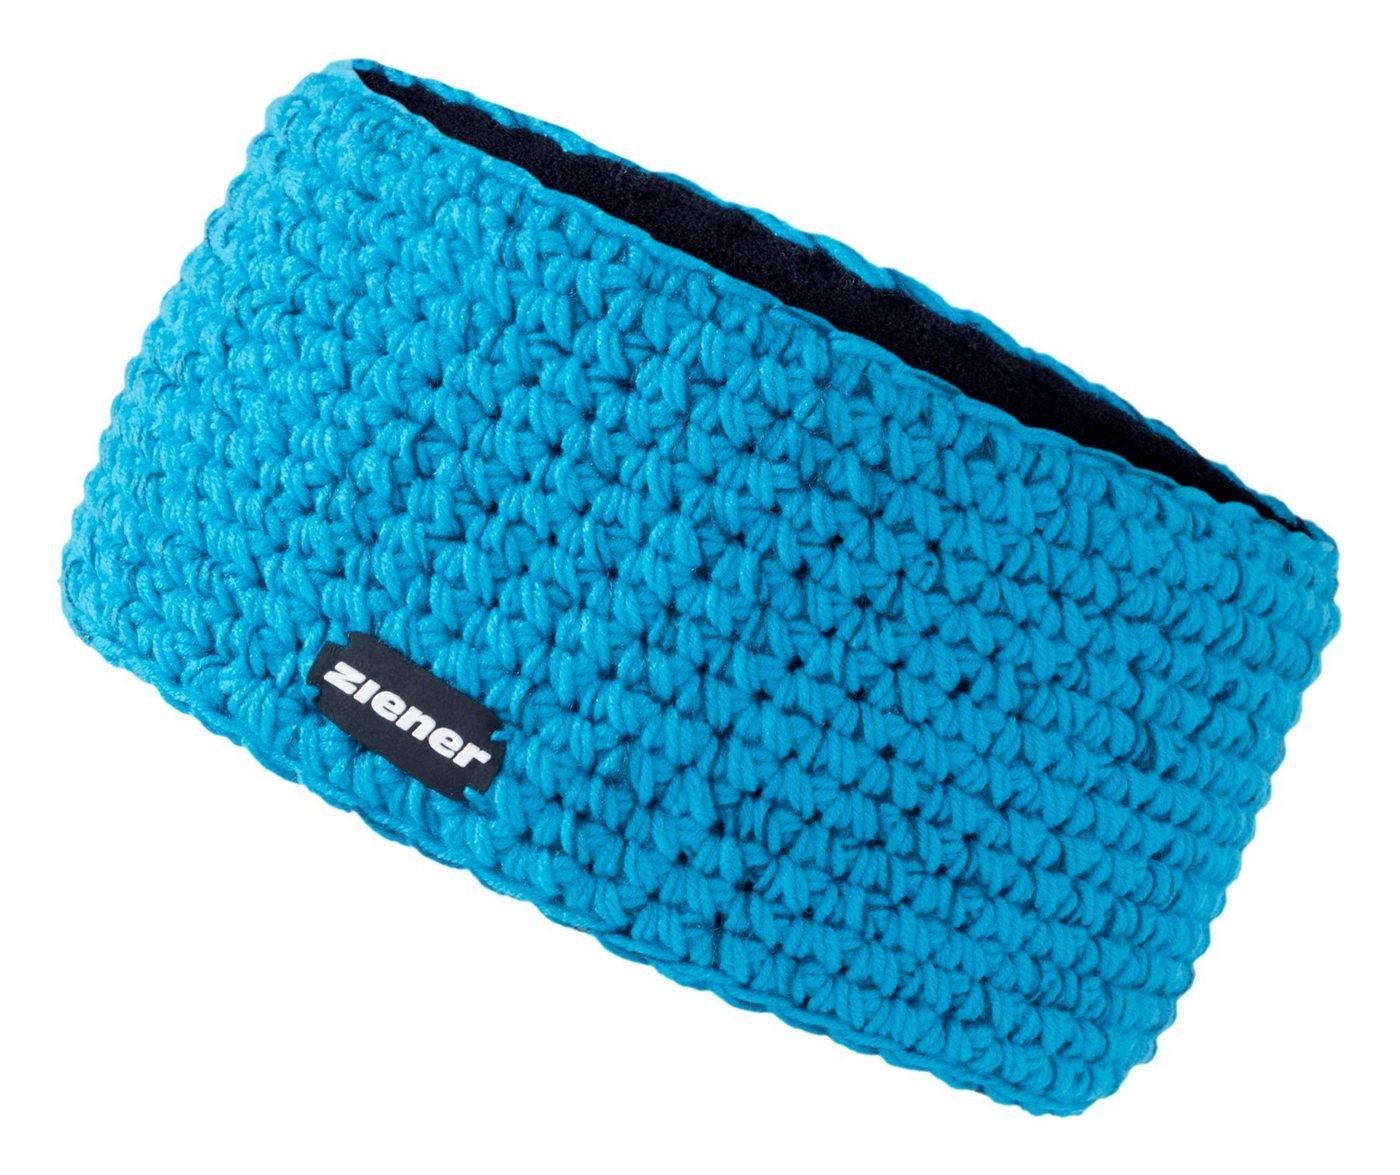 Ziener Stirnband »IHAB« | Accessoires > Mützen > Stirnbänder | Blau | Ziener